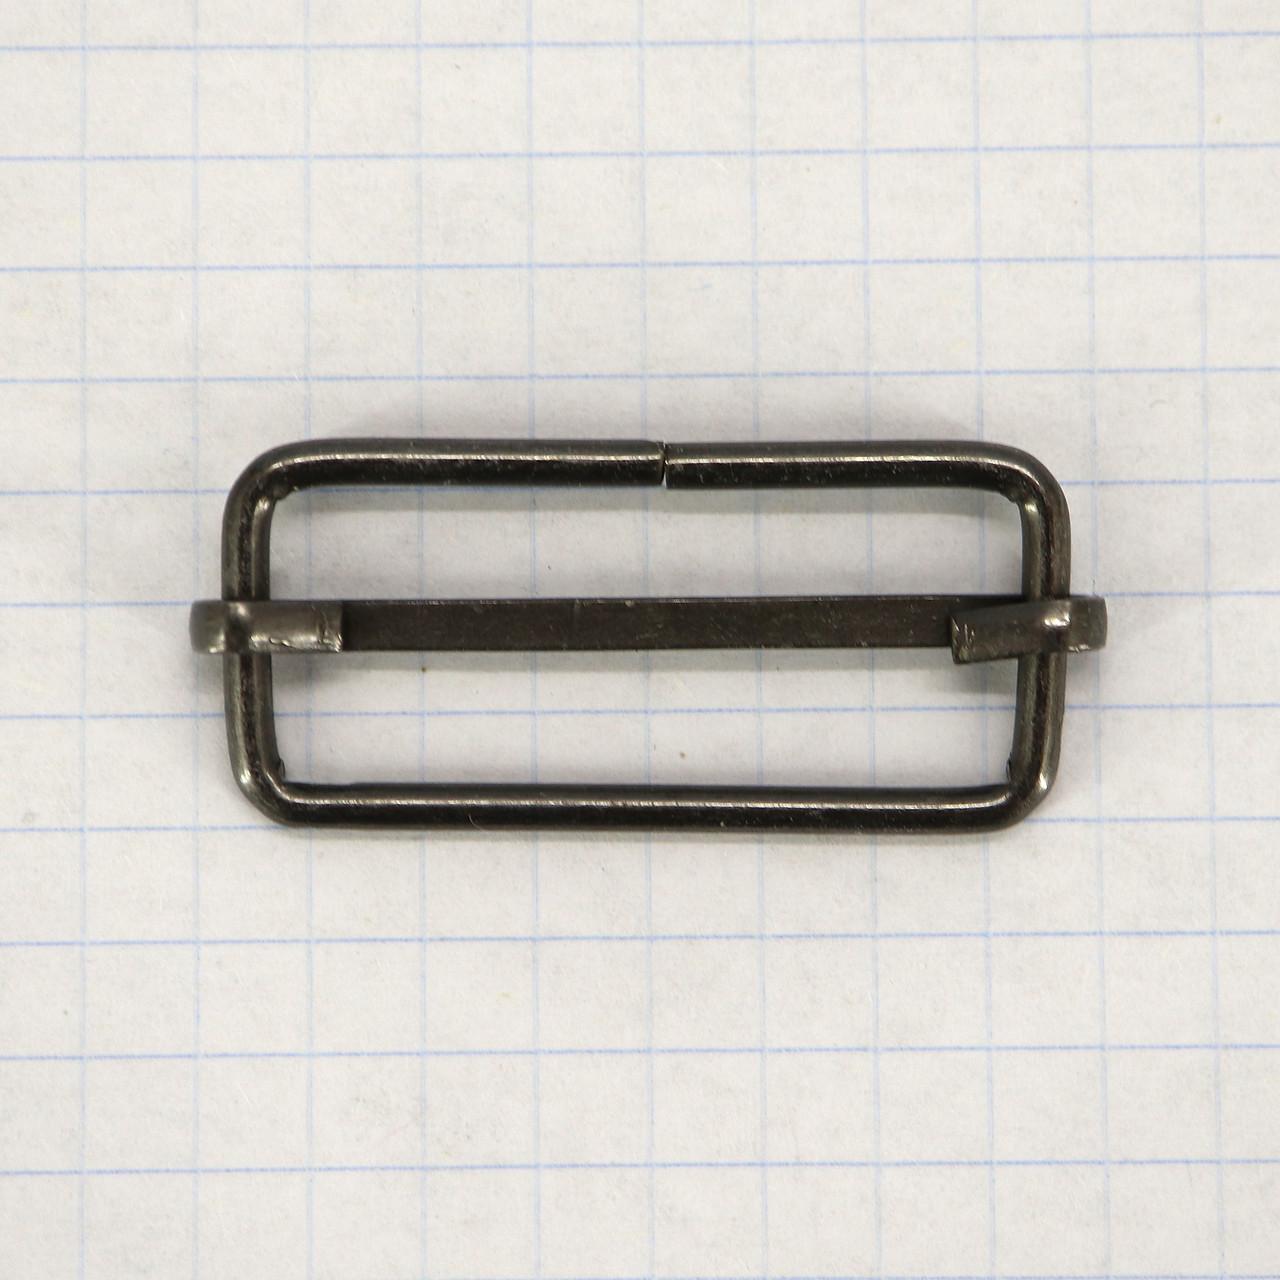 Регулятор пряжка перетяжка 30 мм тёмный никель для сумок (50 шт.)